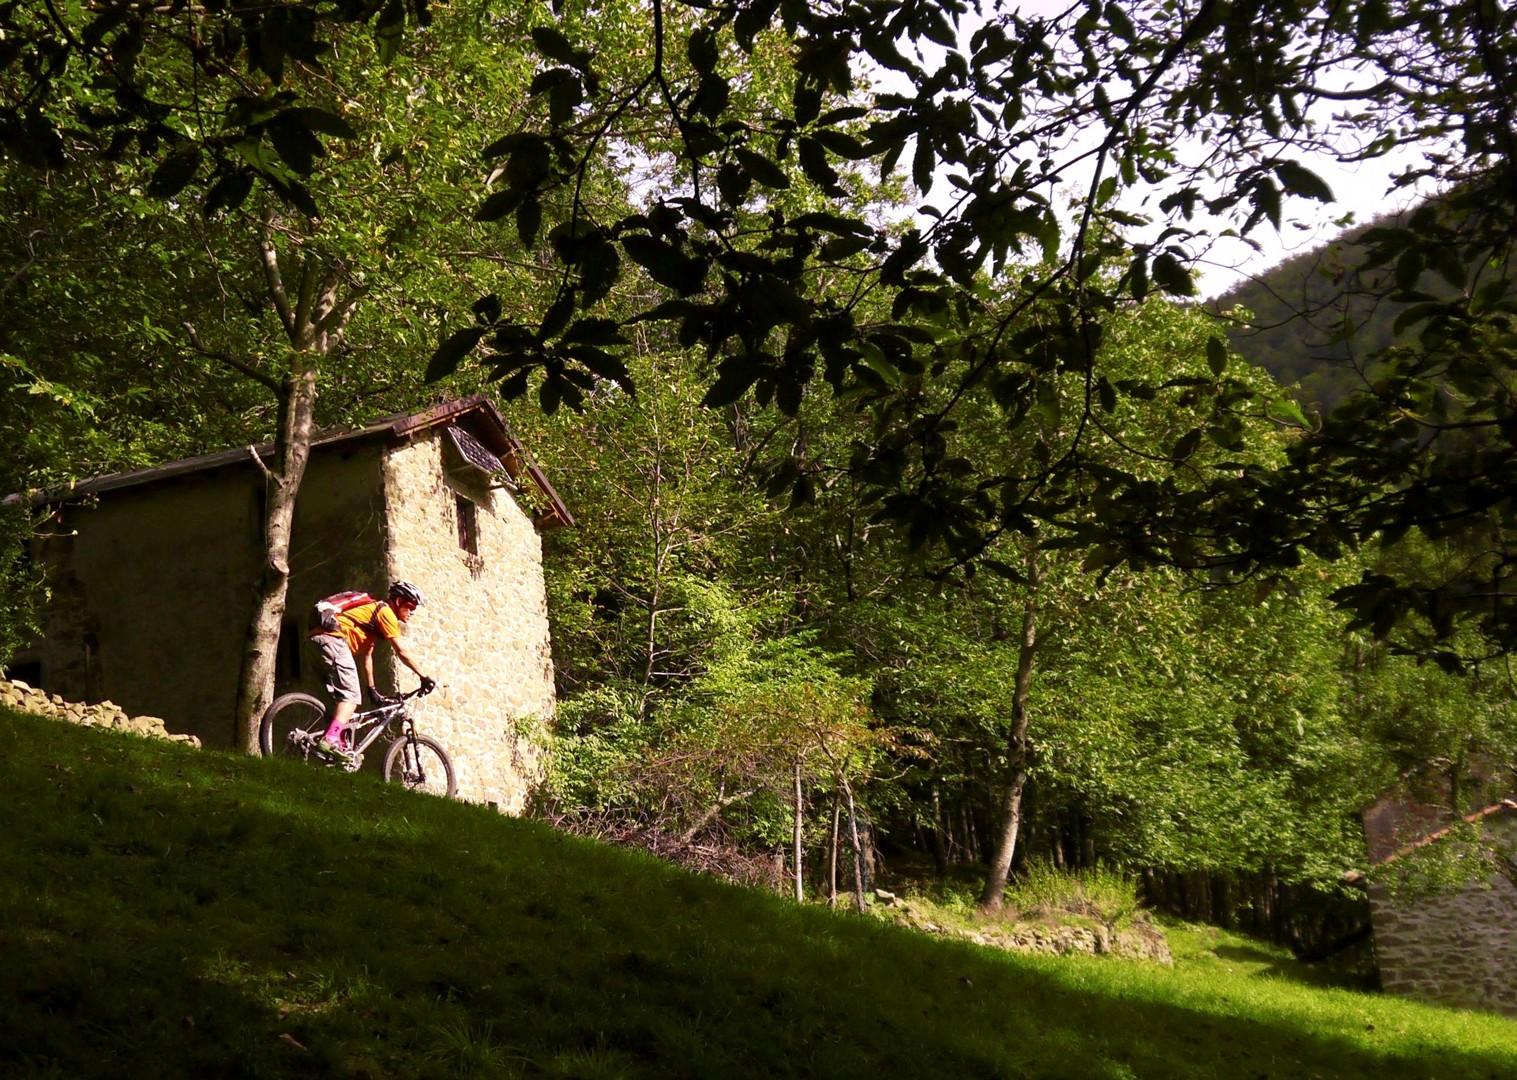 _Holiday.863.16223.jpg - Italy - Via Francigena (Tuscany to Rome) - Guided Mountain Biking Holiday - Mountain Biking